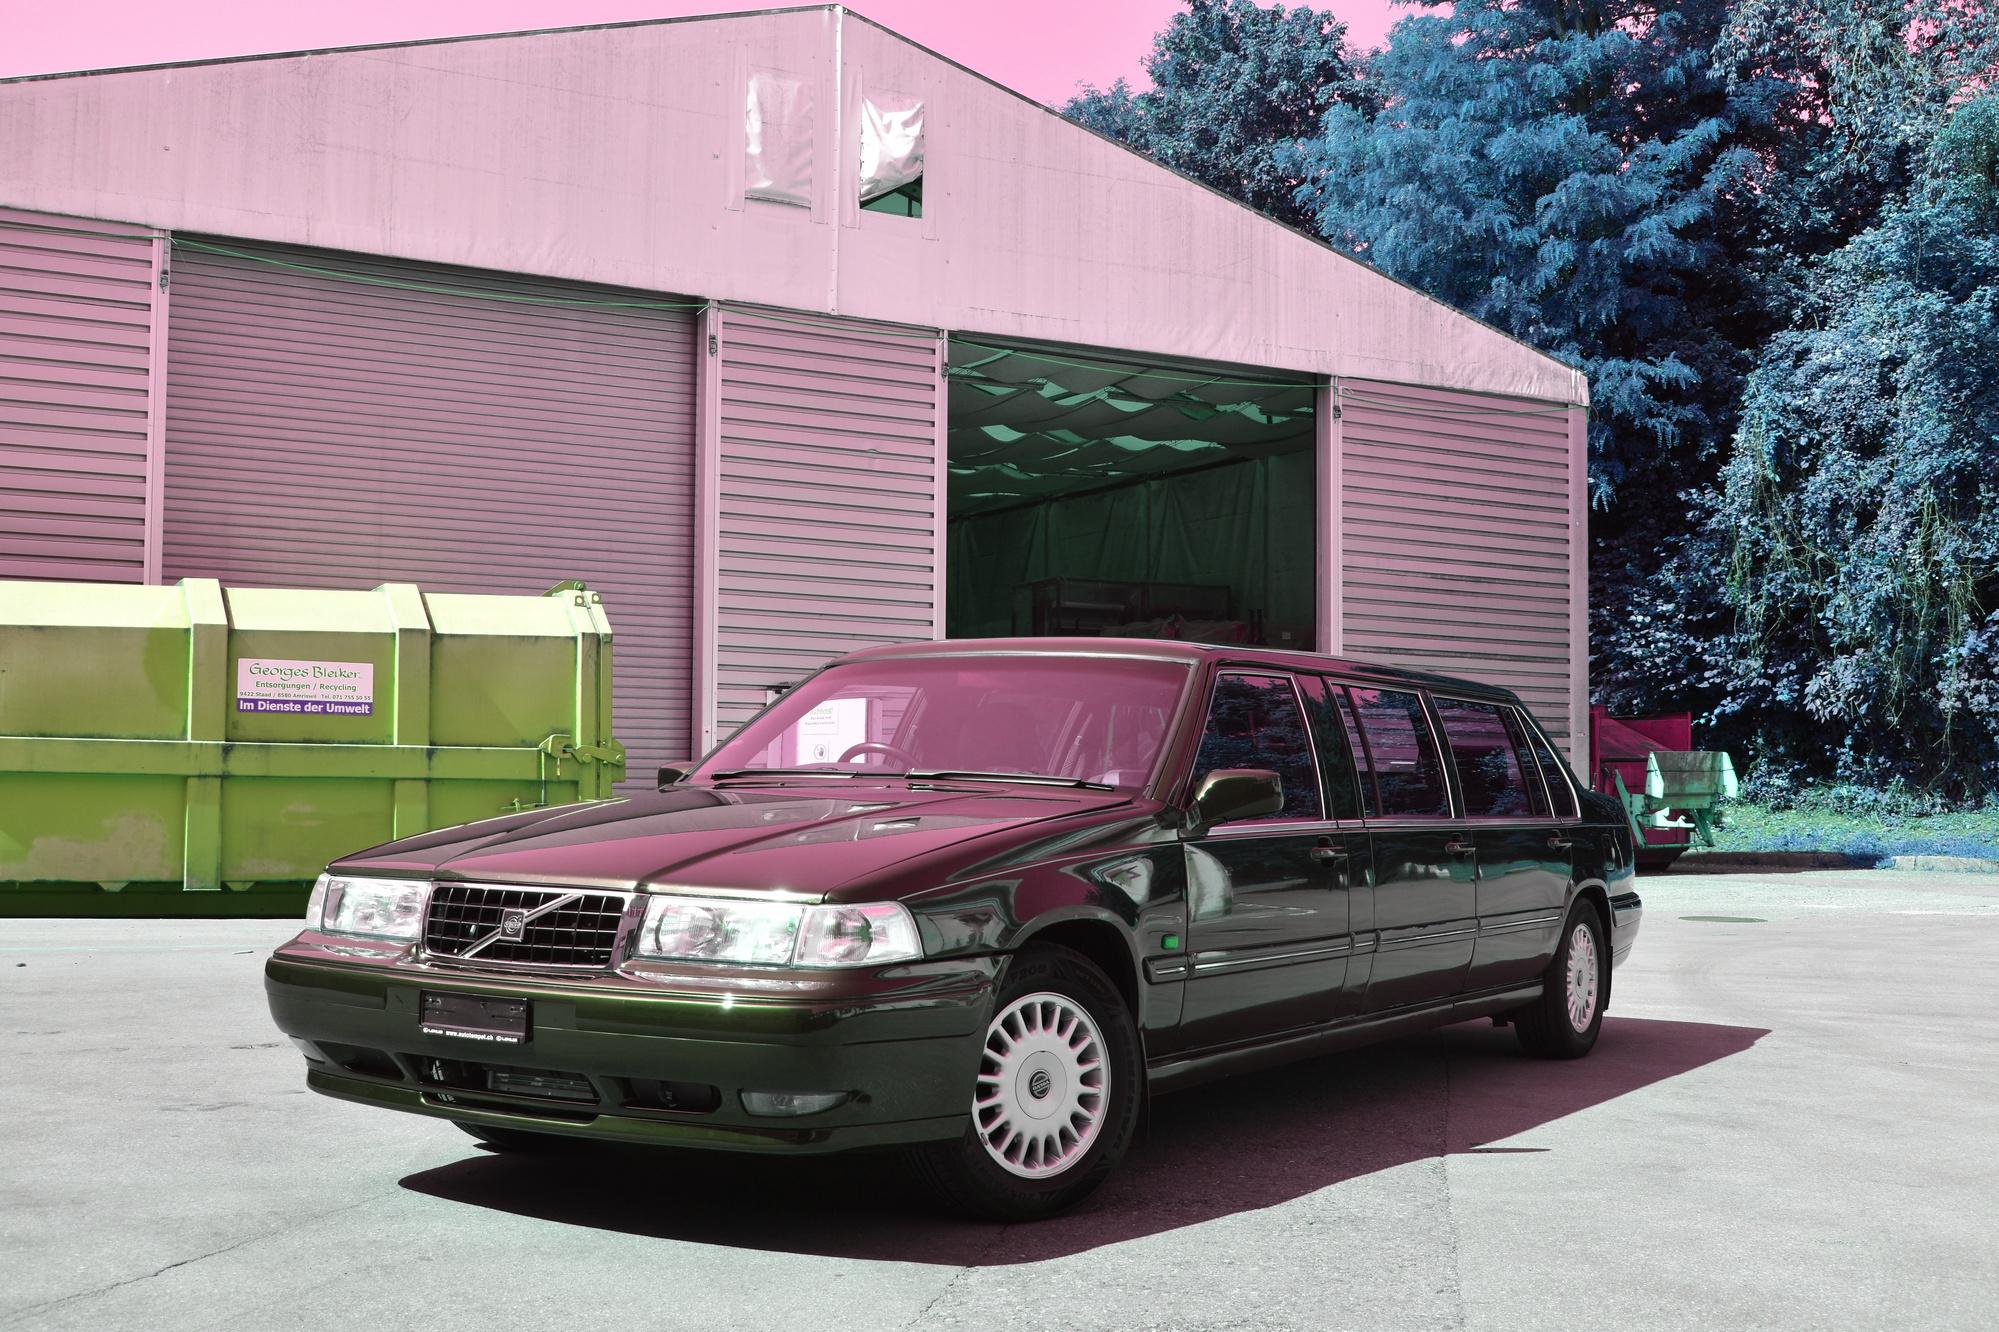 Volvo 960 Stretch Limousine Exot mit 6 Türen in Vorderansicht vor einem Industriezelt